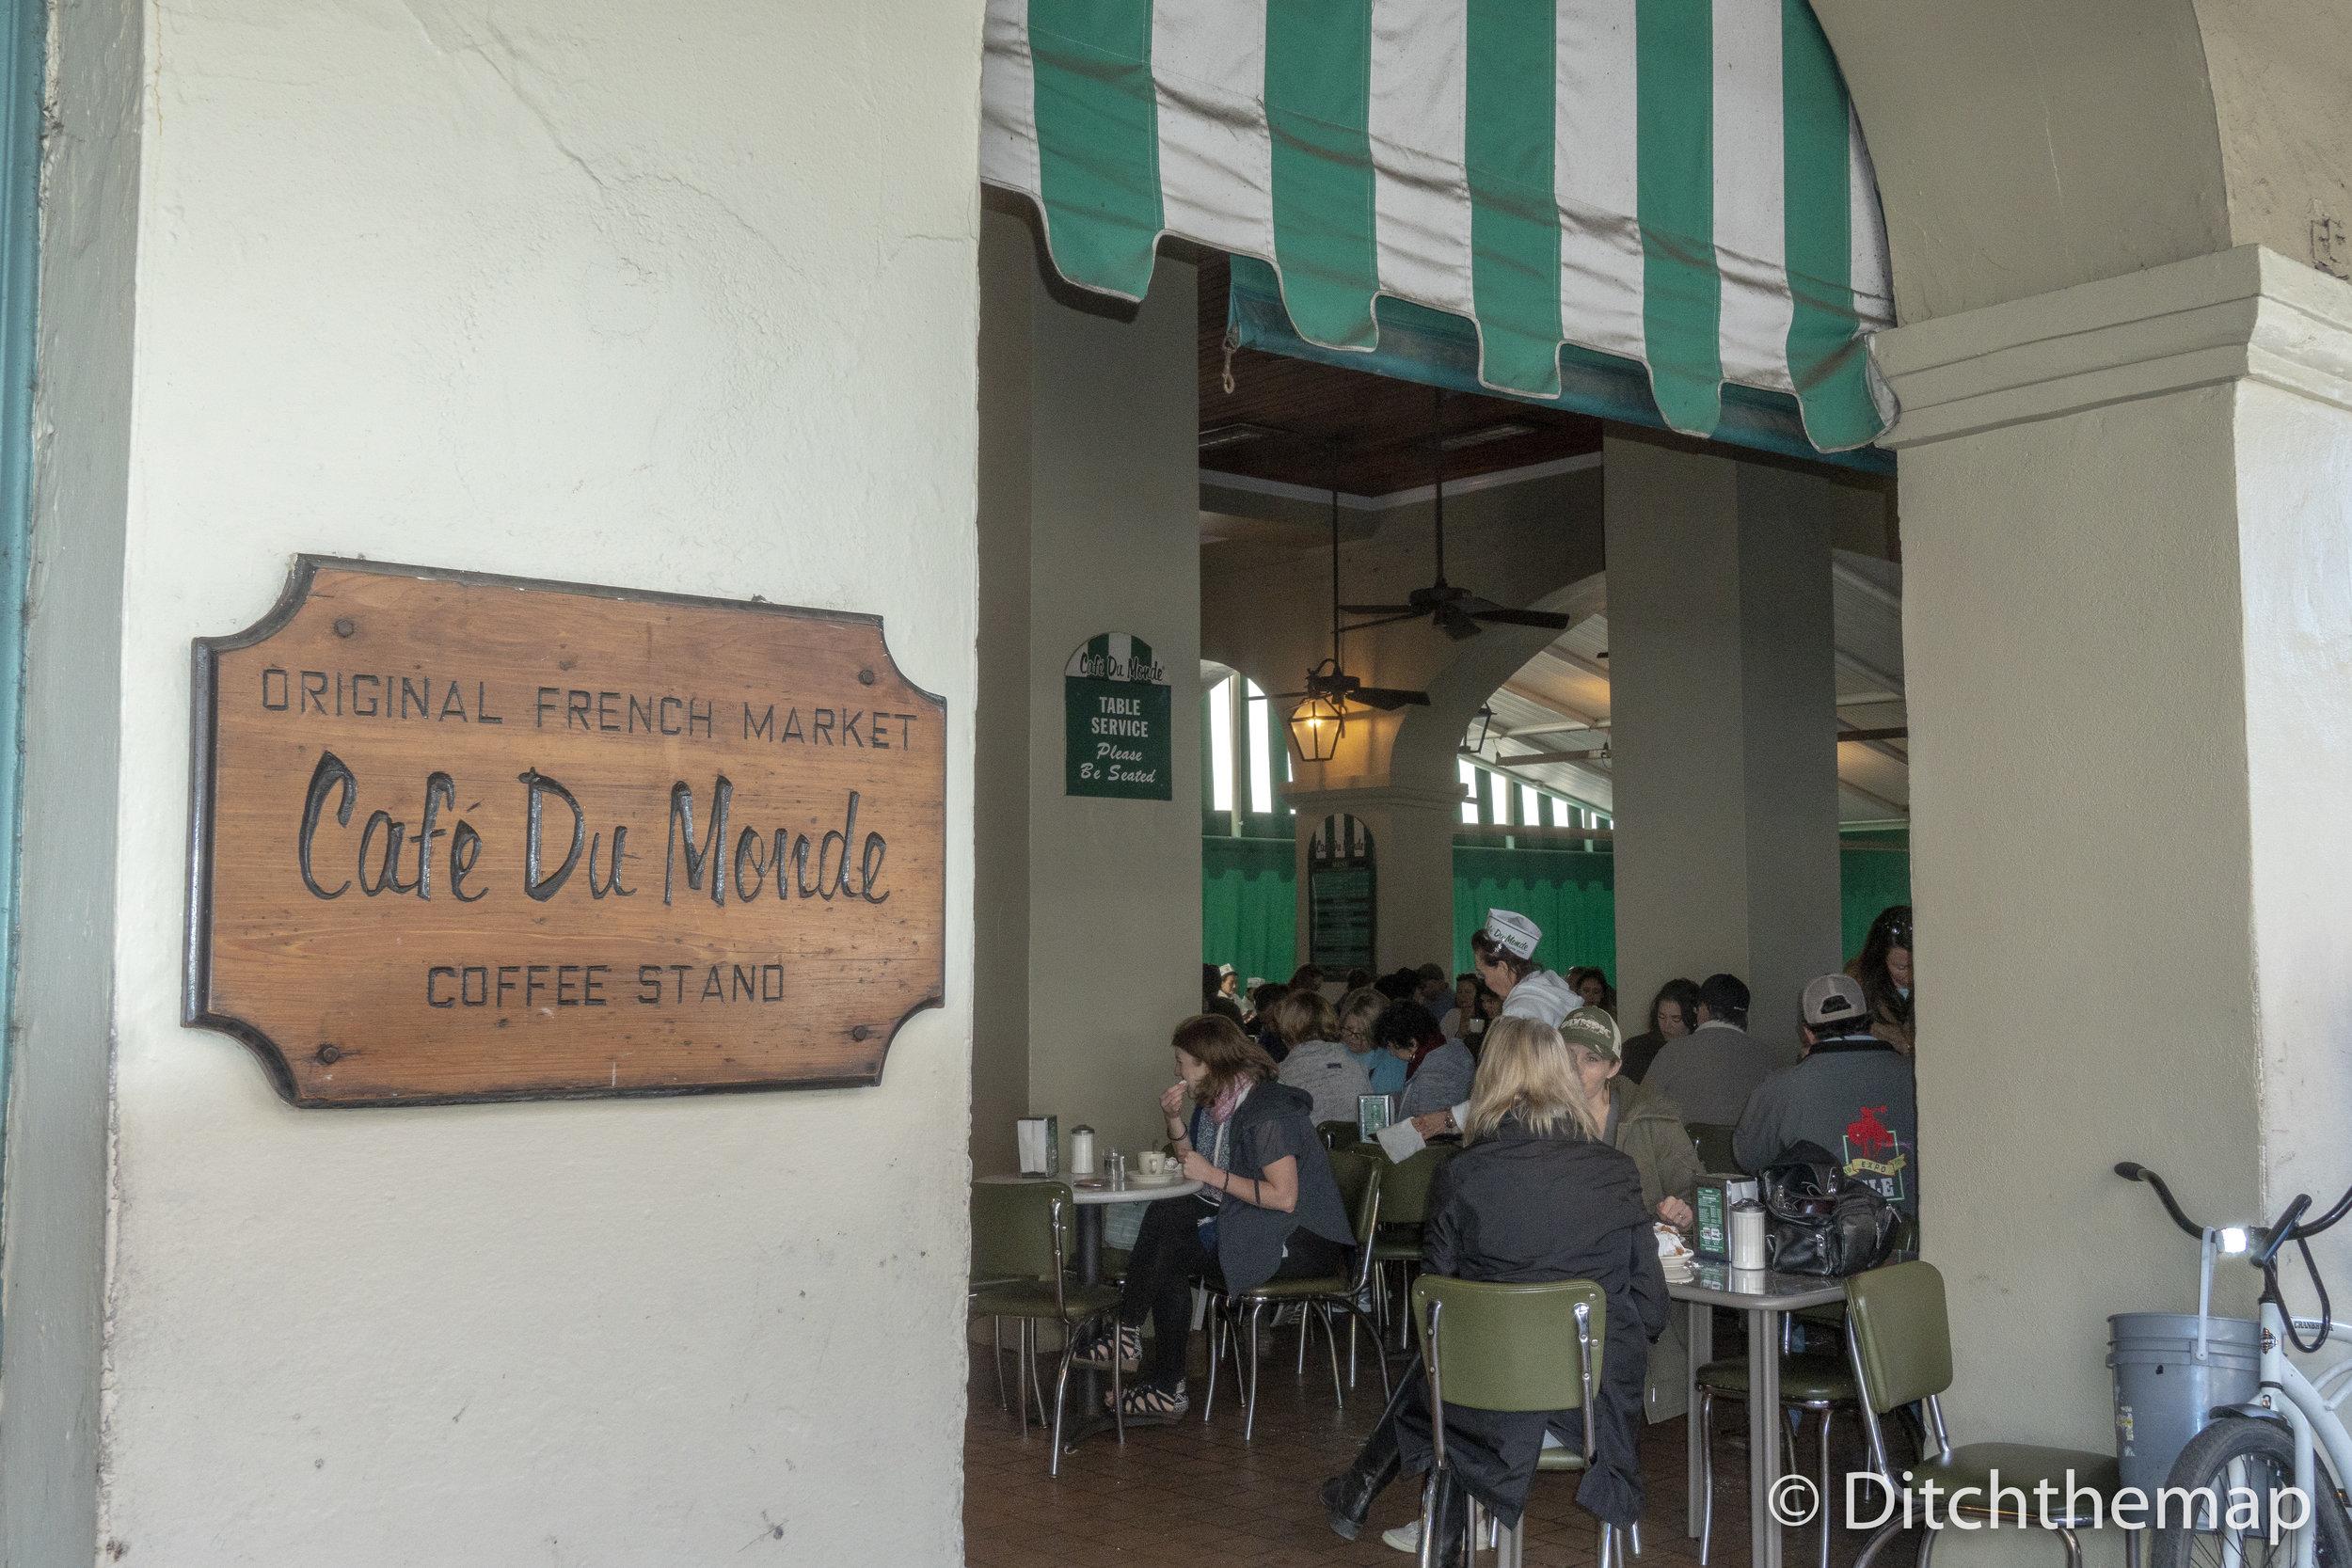 Enjoying Beignets and Cafe Au Lait